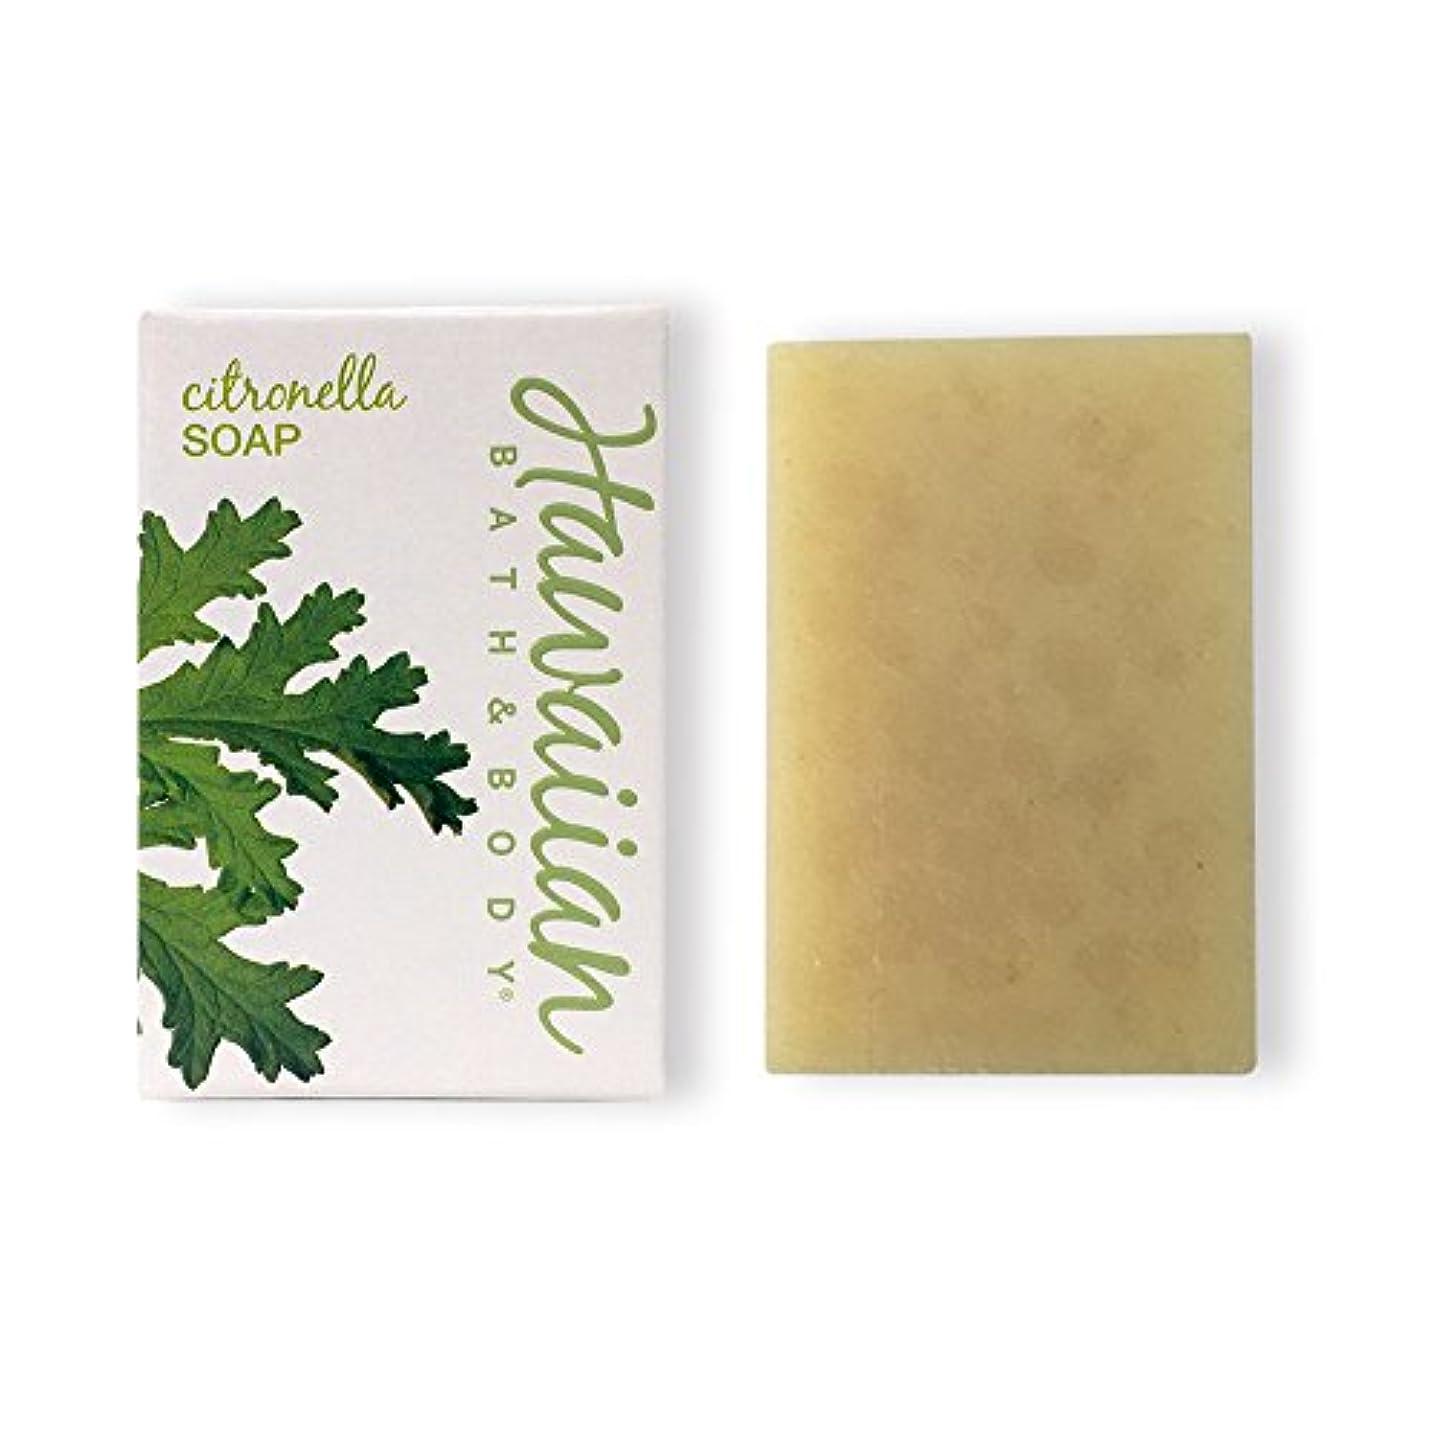 宿る同意する不快ハワイアンバス&ボディ シトロネラソープ(ビーチバー)( Citronella Soap )